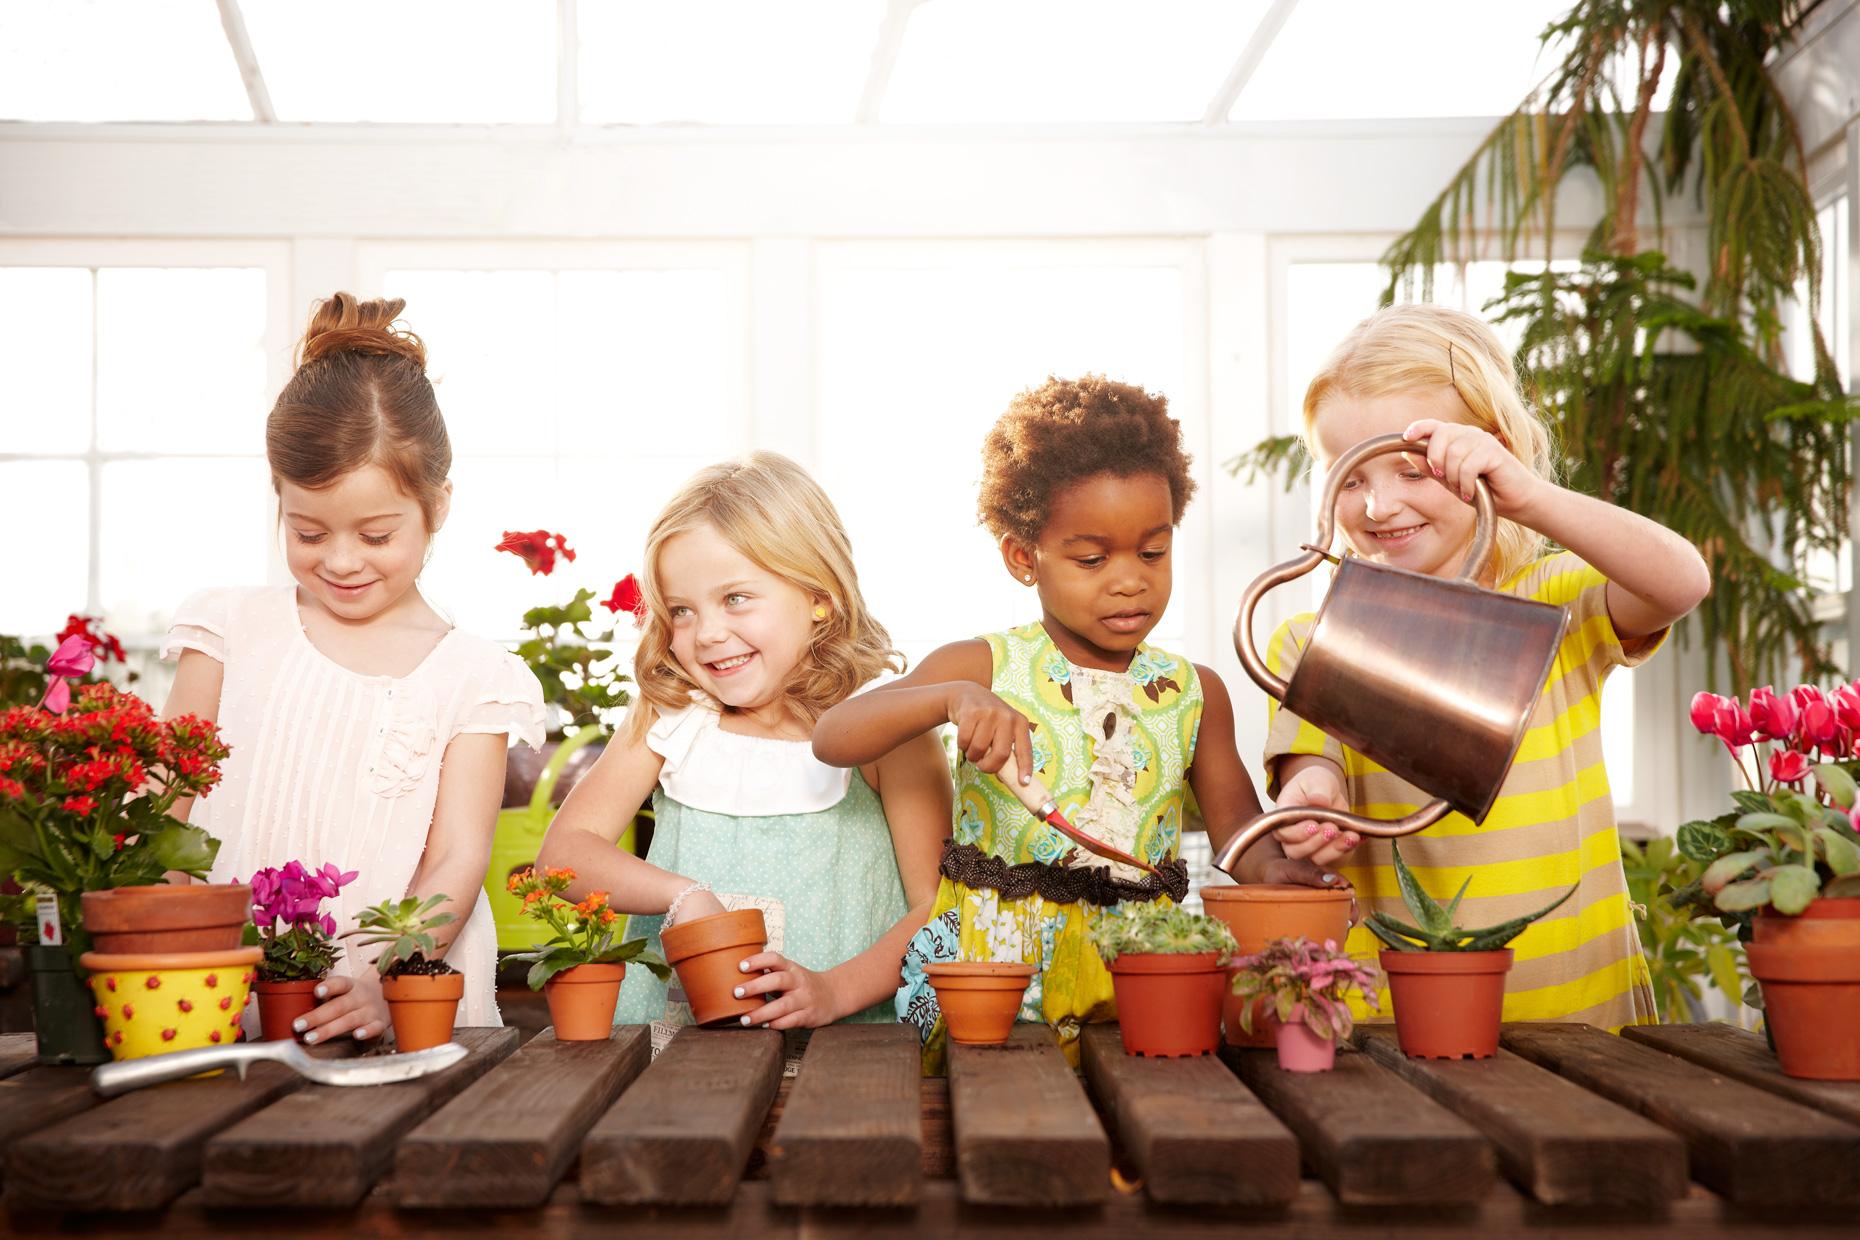 Portrait Photography Derek Israelsen Kids Gardening